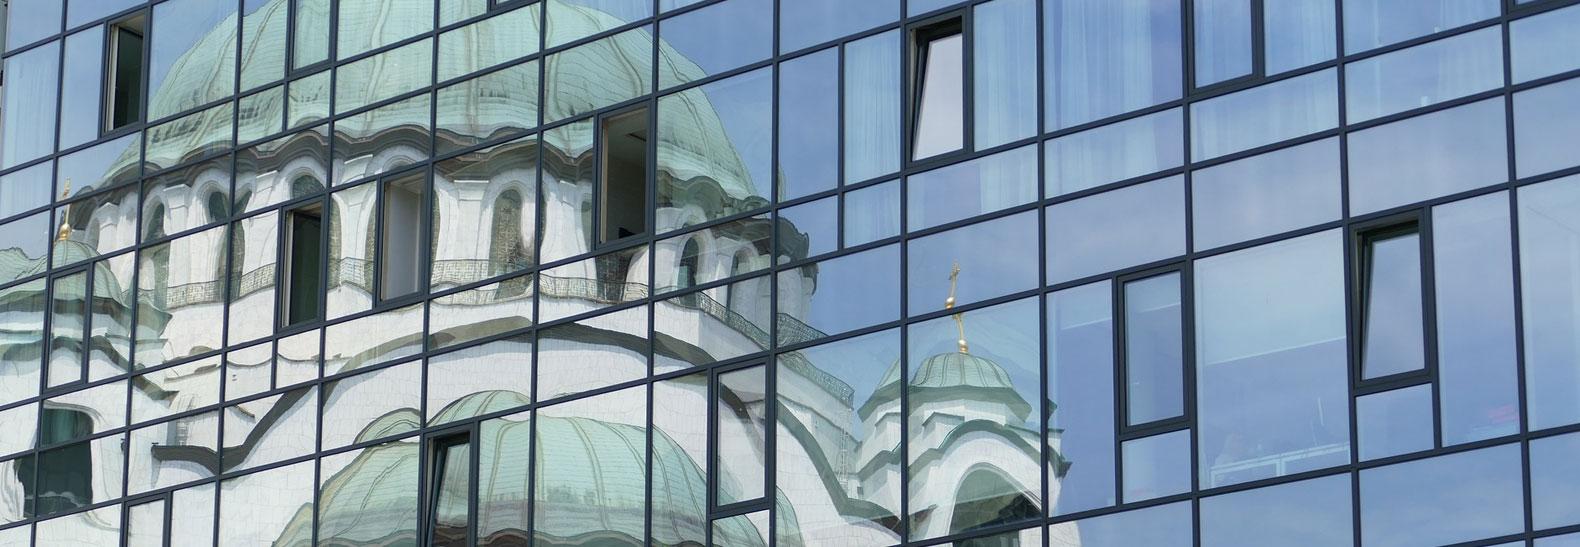 Belgrado riesce a fondere il passato col futuro